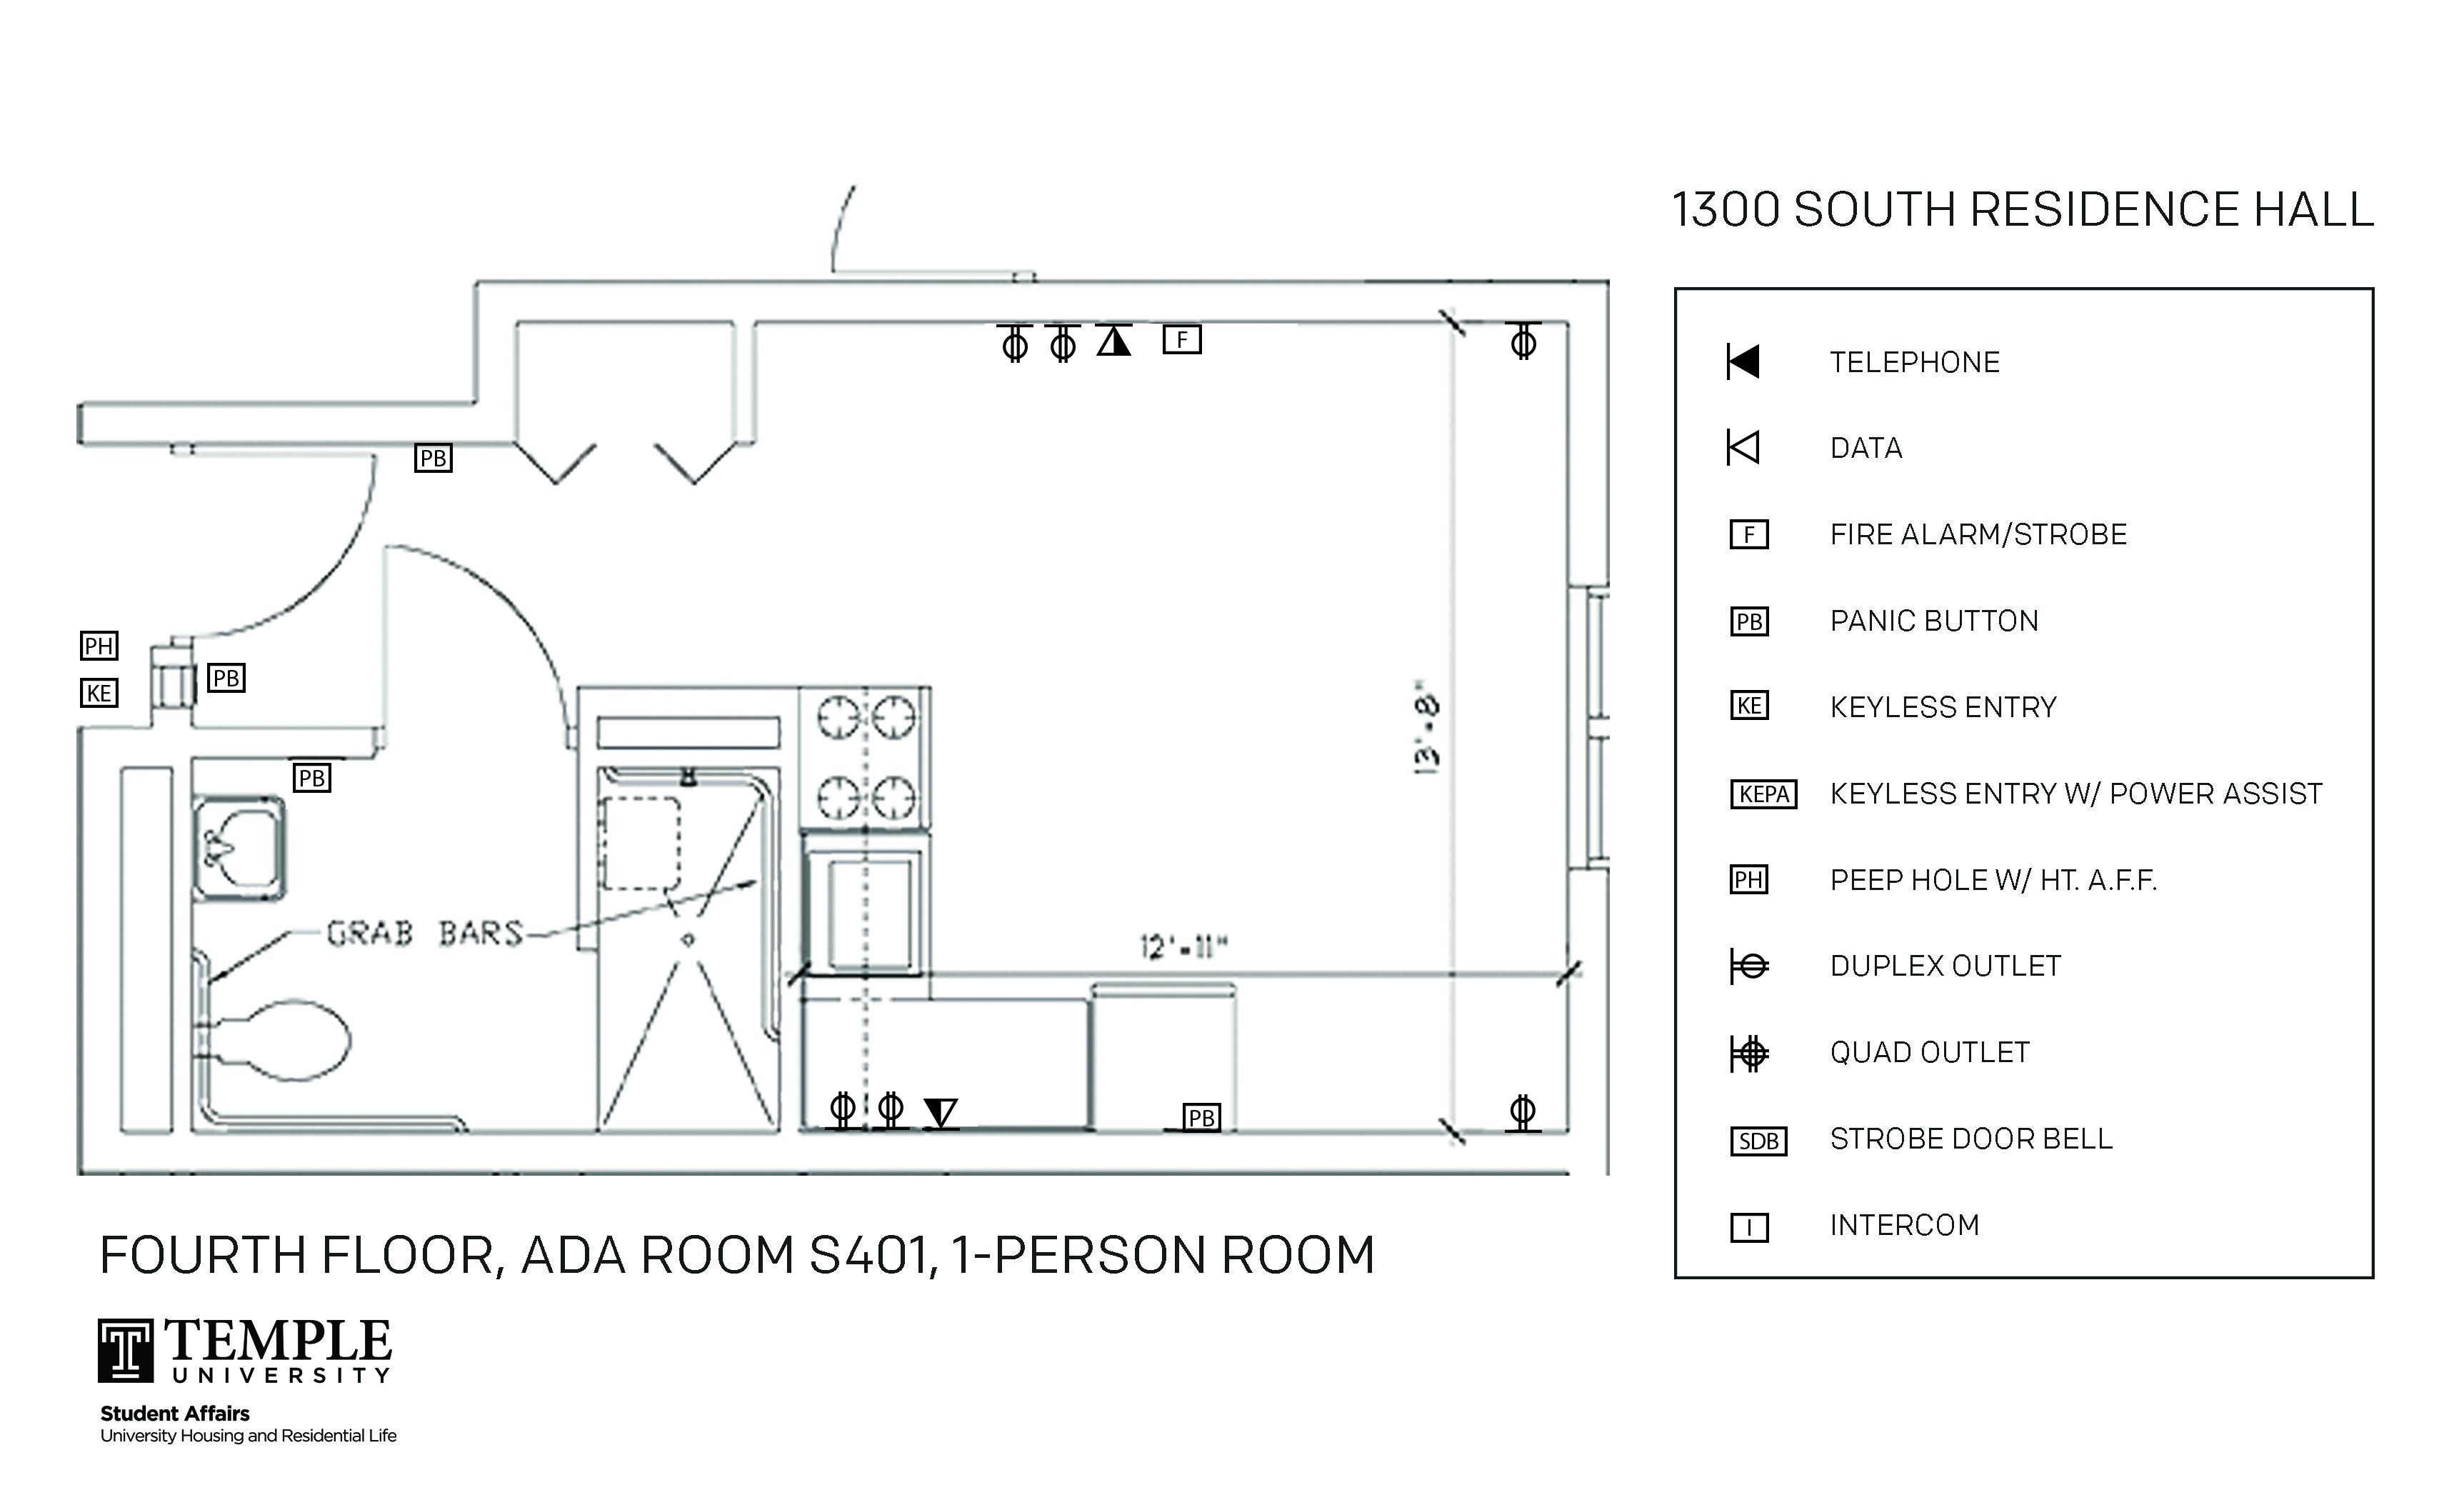 Accessible Room Diagrams 4th Floor S401